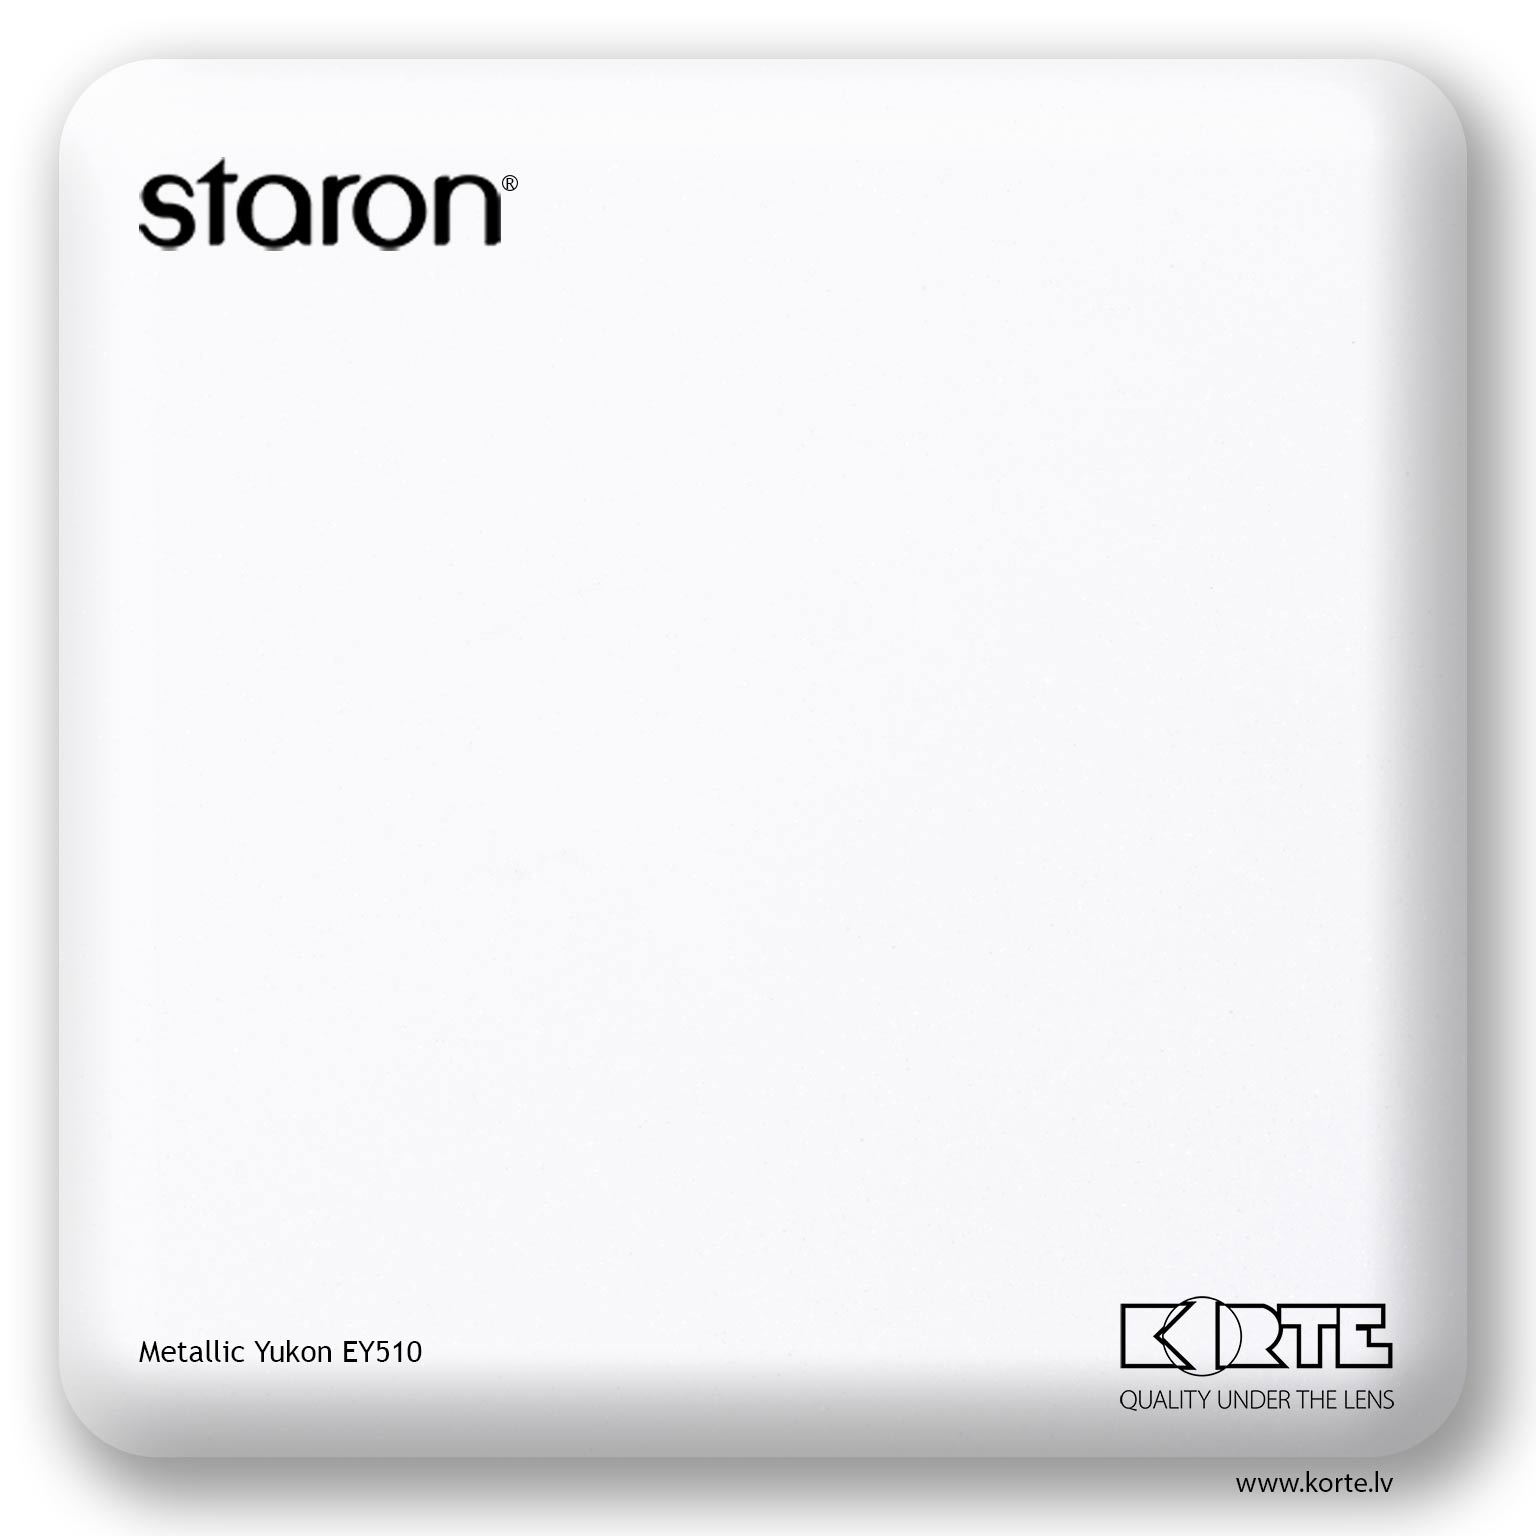 Staron Metallic Yukon EY510